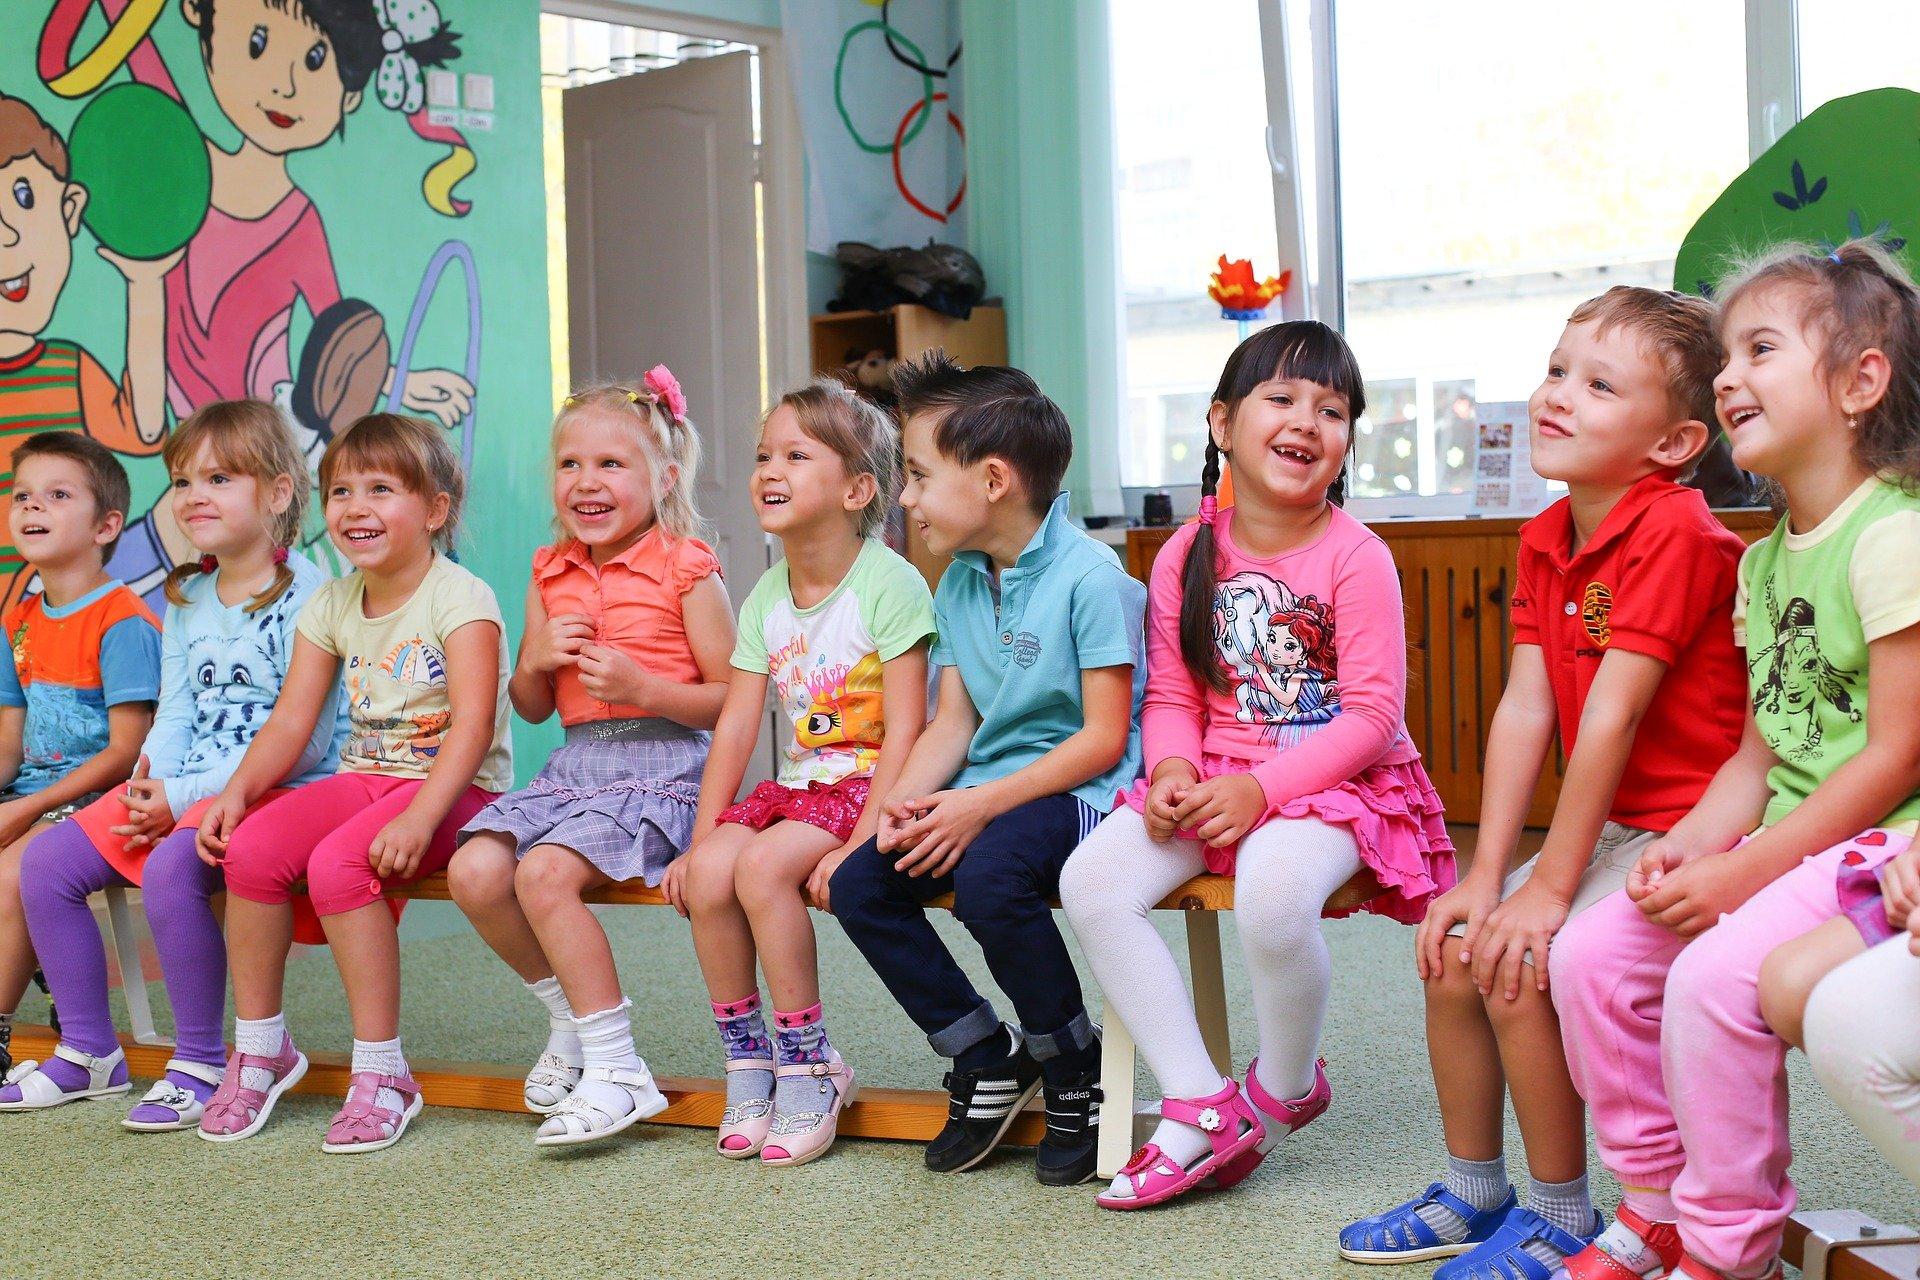 Najmłodsze klasy przechodzą na nauczanie zdalne. A co z przedszkolami i żłobkami? - Zdjęcie główne